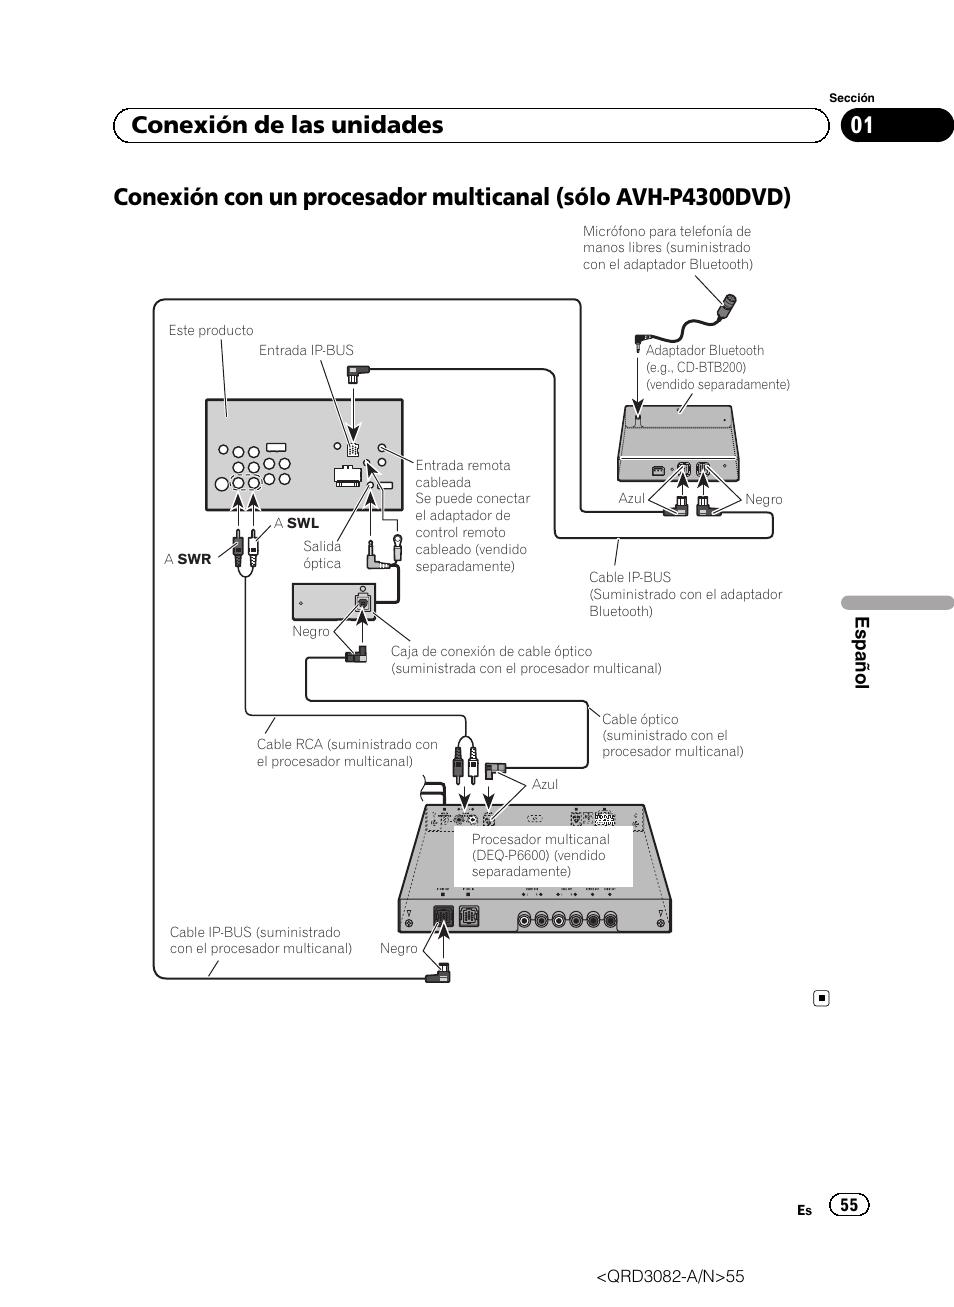 01 conexión de las unidades   Pioneer AVH P4300DVD User Manual   Page 55 /  100   Original modeManuals Directory